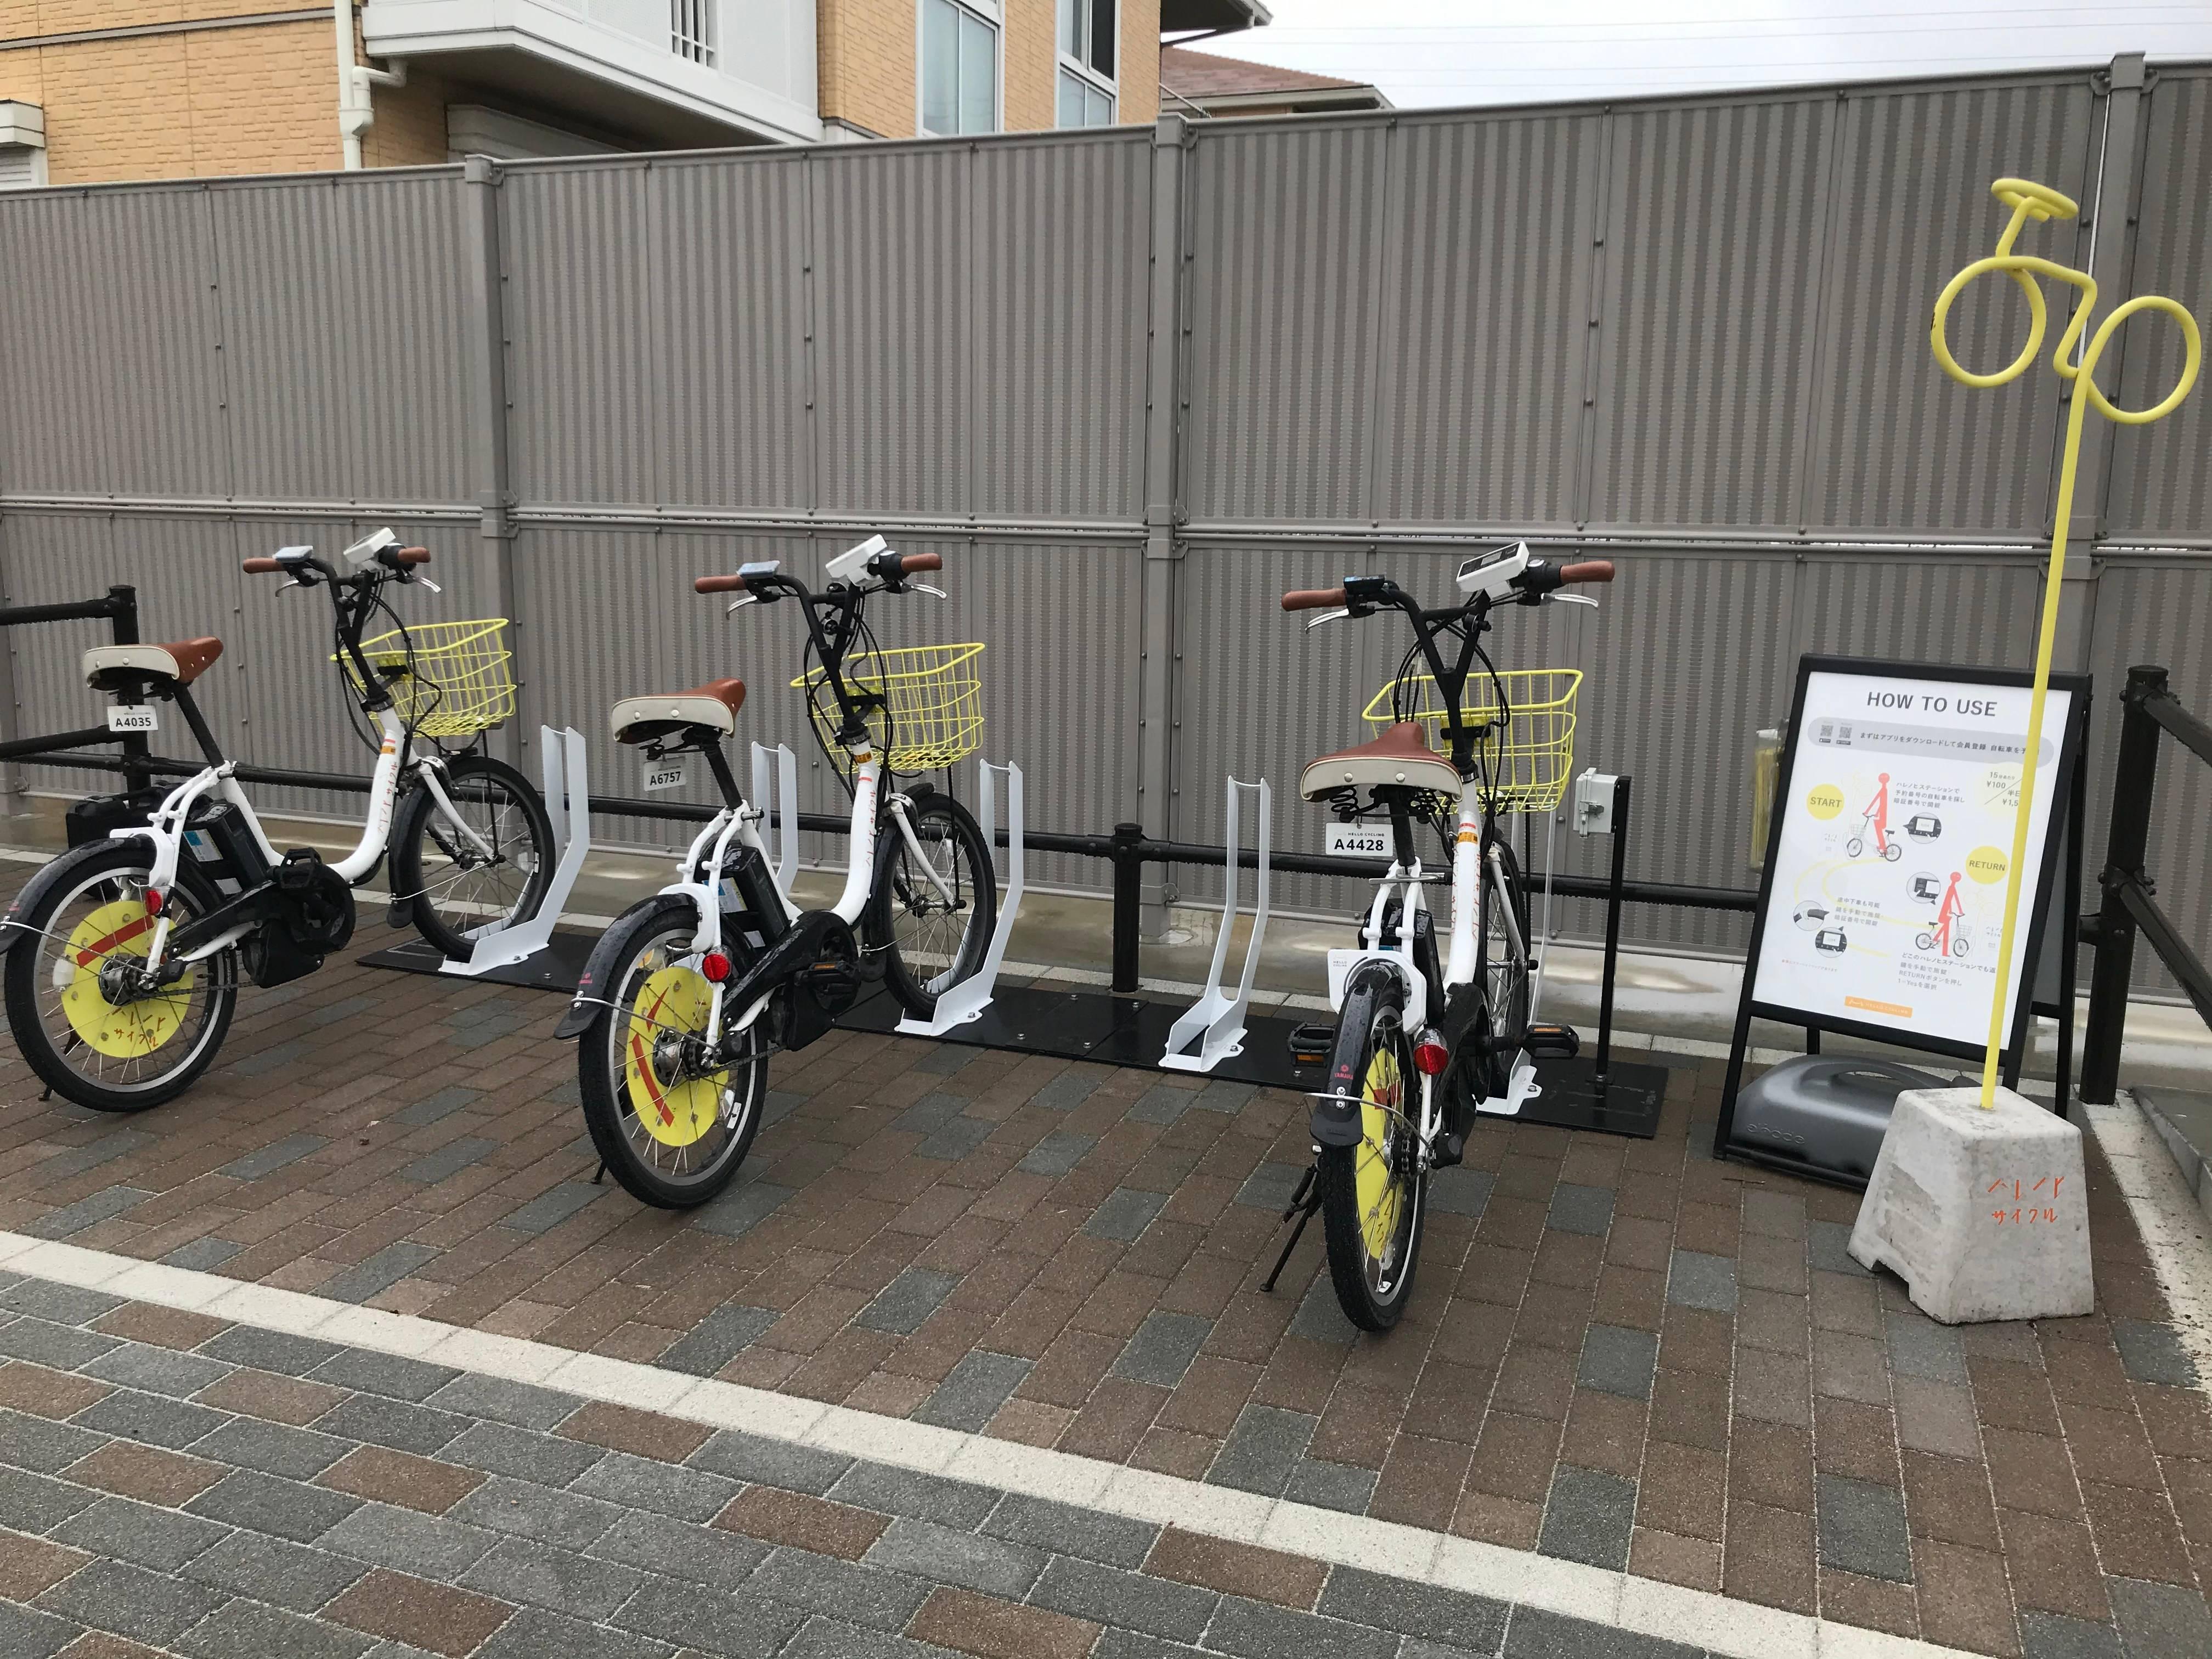 ららぽーと沼津 (HELLO CYCLING ポート) image